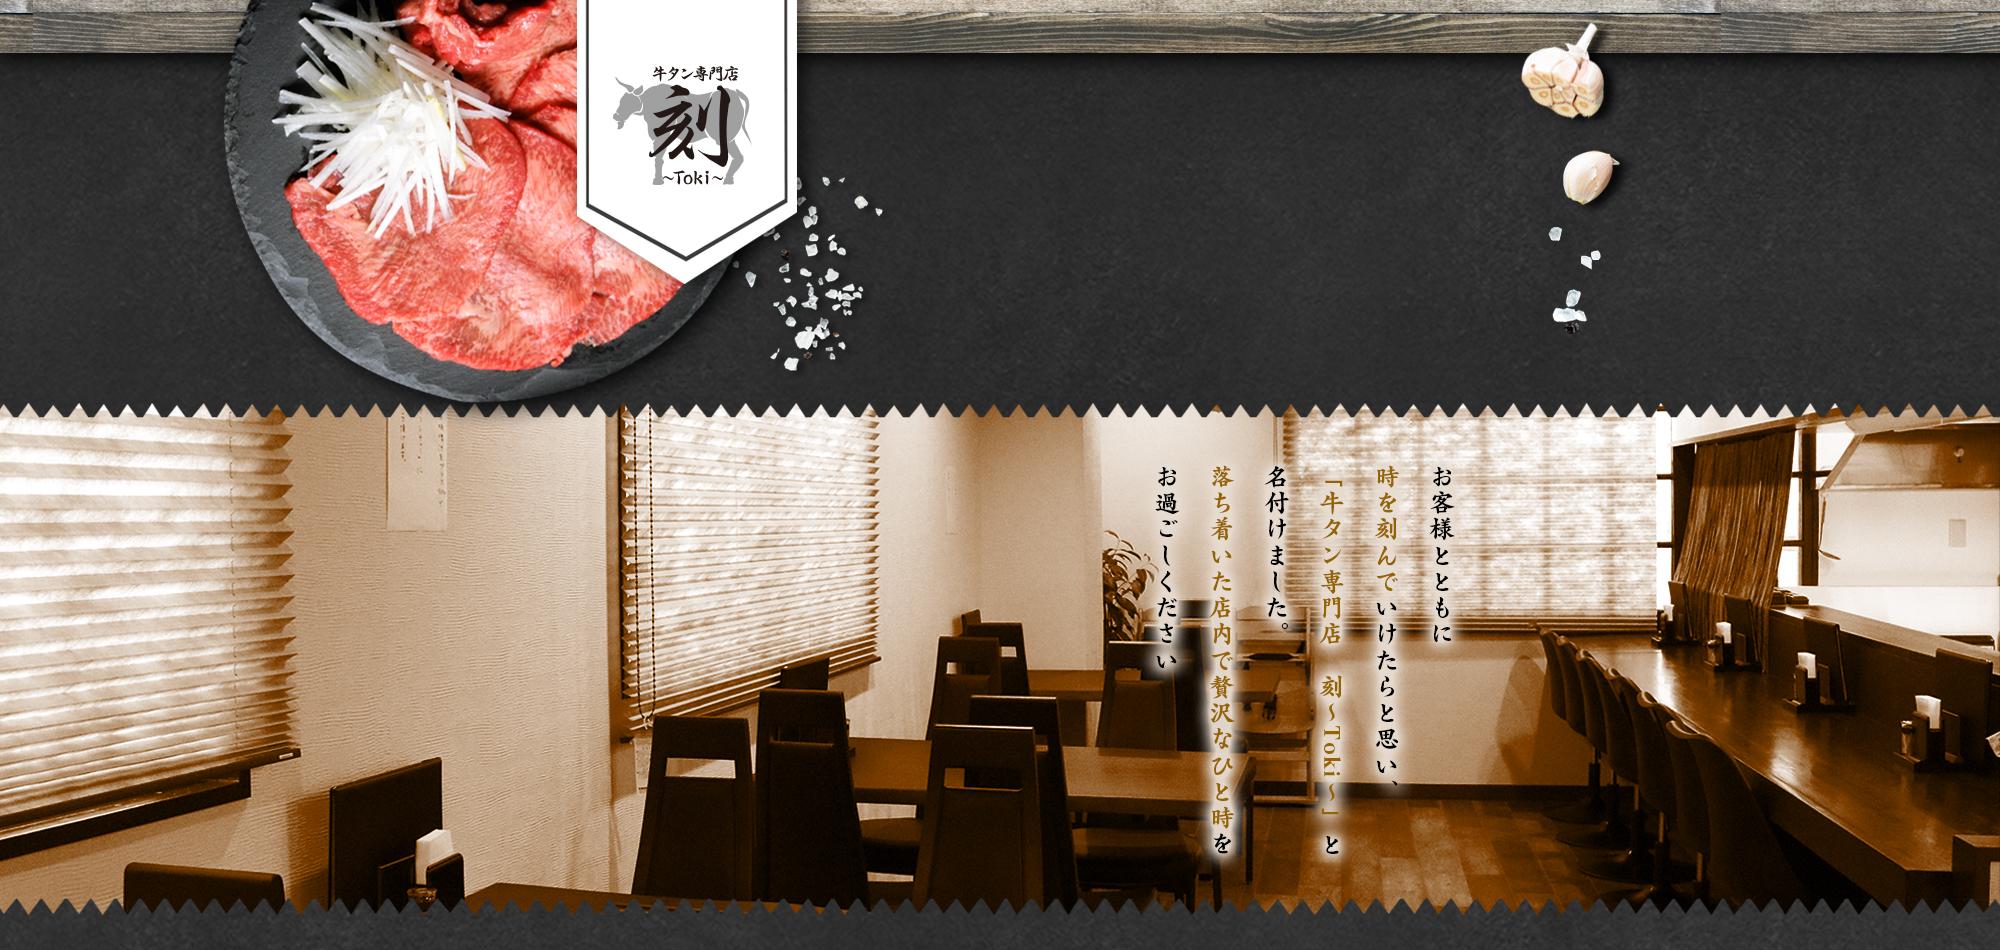 お客様とともに時を刻んでいけたらと思い、「牛タン専門店 刻 ~Toki~」と名付けました。落ち着いた店内で贅沢なひと時をお過ごしください。